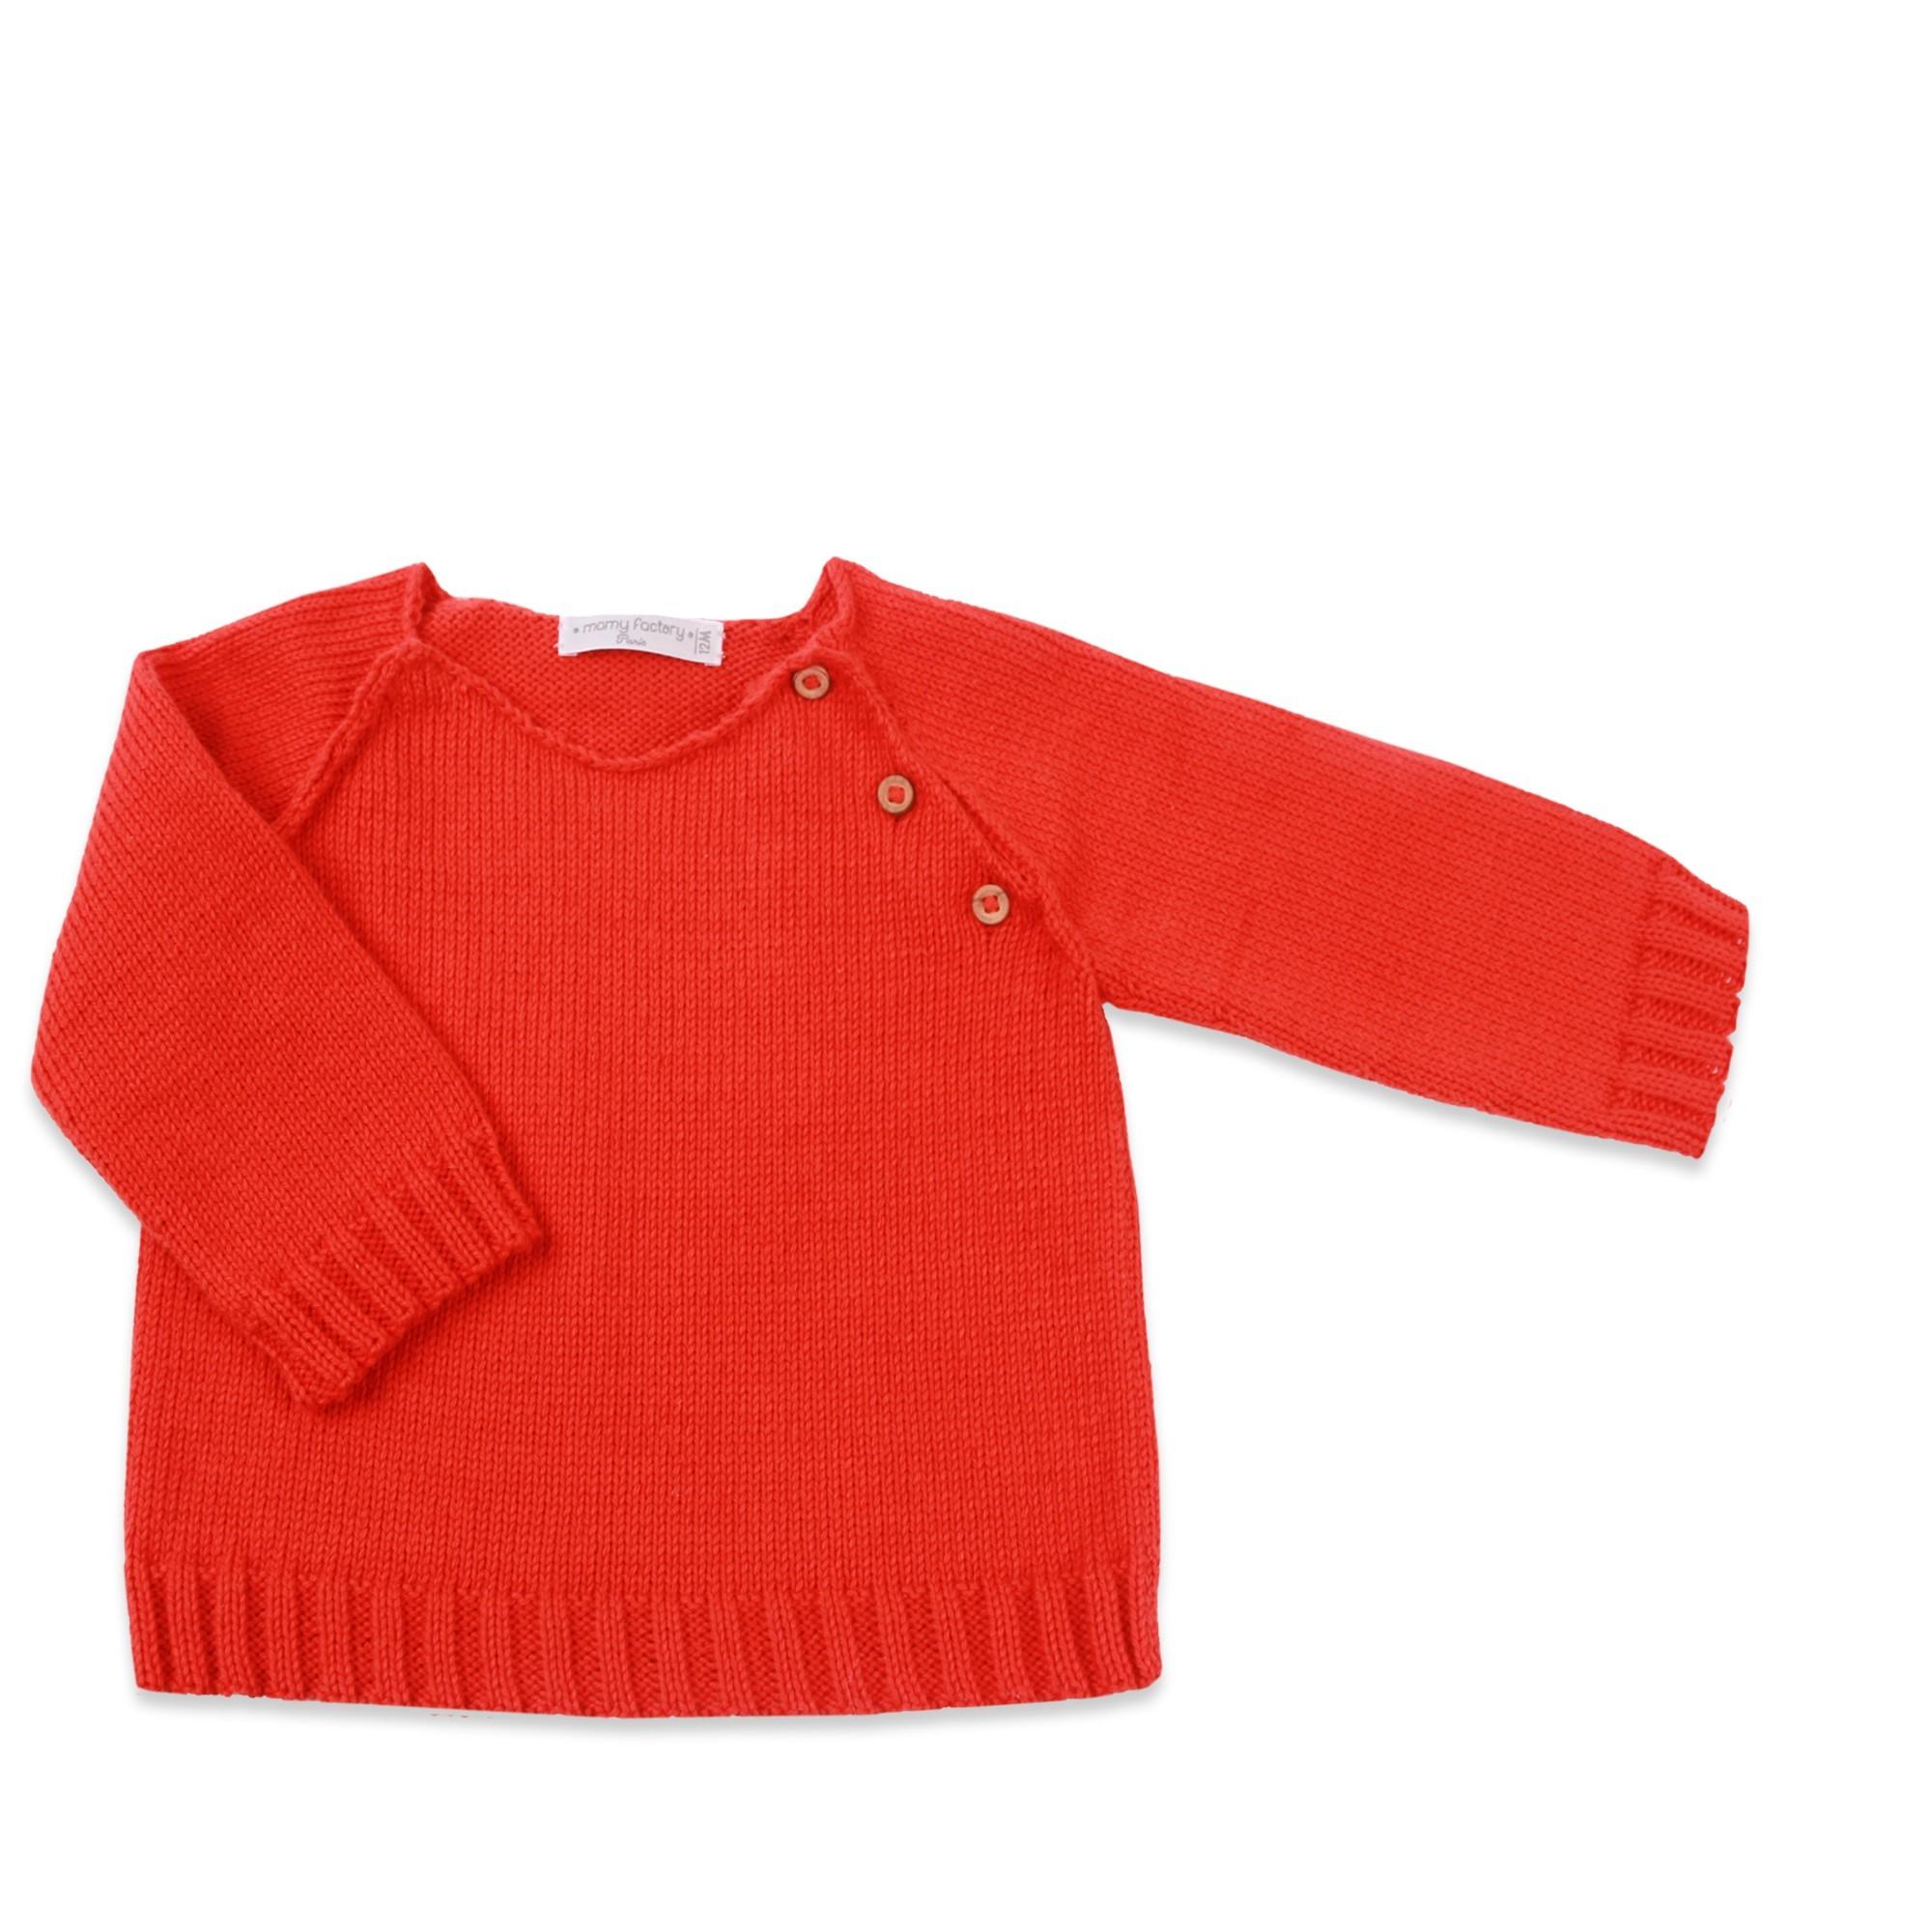 pull rouge d 39 enfant gar on tricot avec c tes aux manches en bas. Black Bedroom Furniture Sets. Home Design Ideas